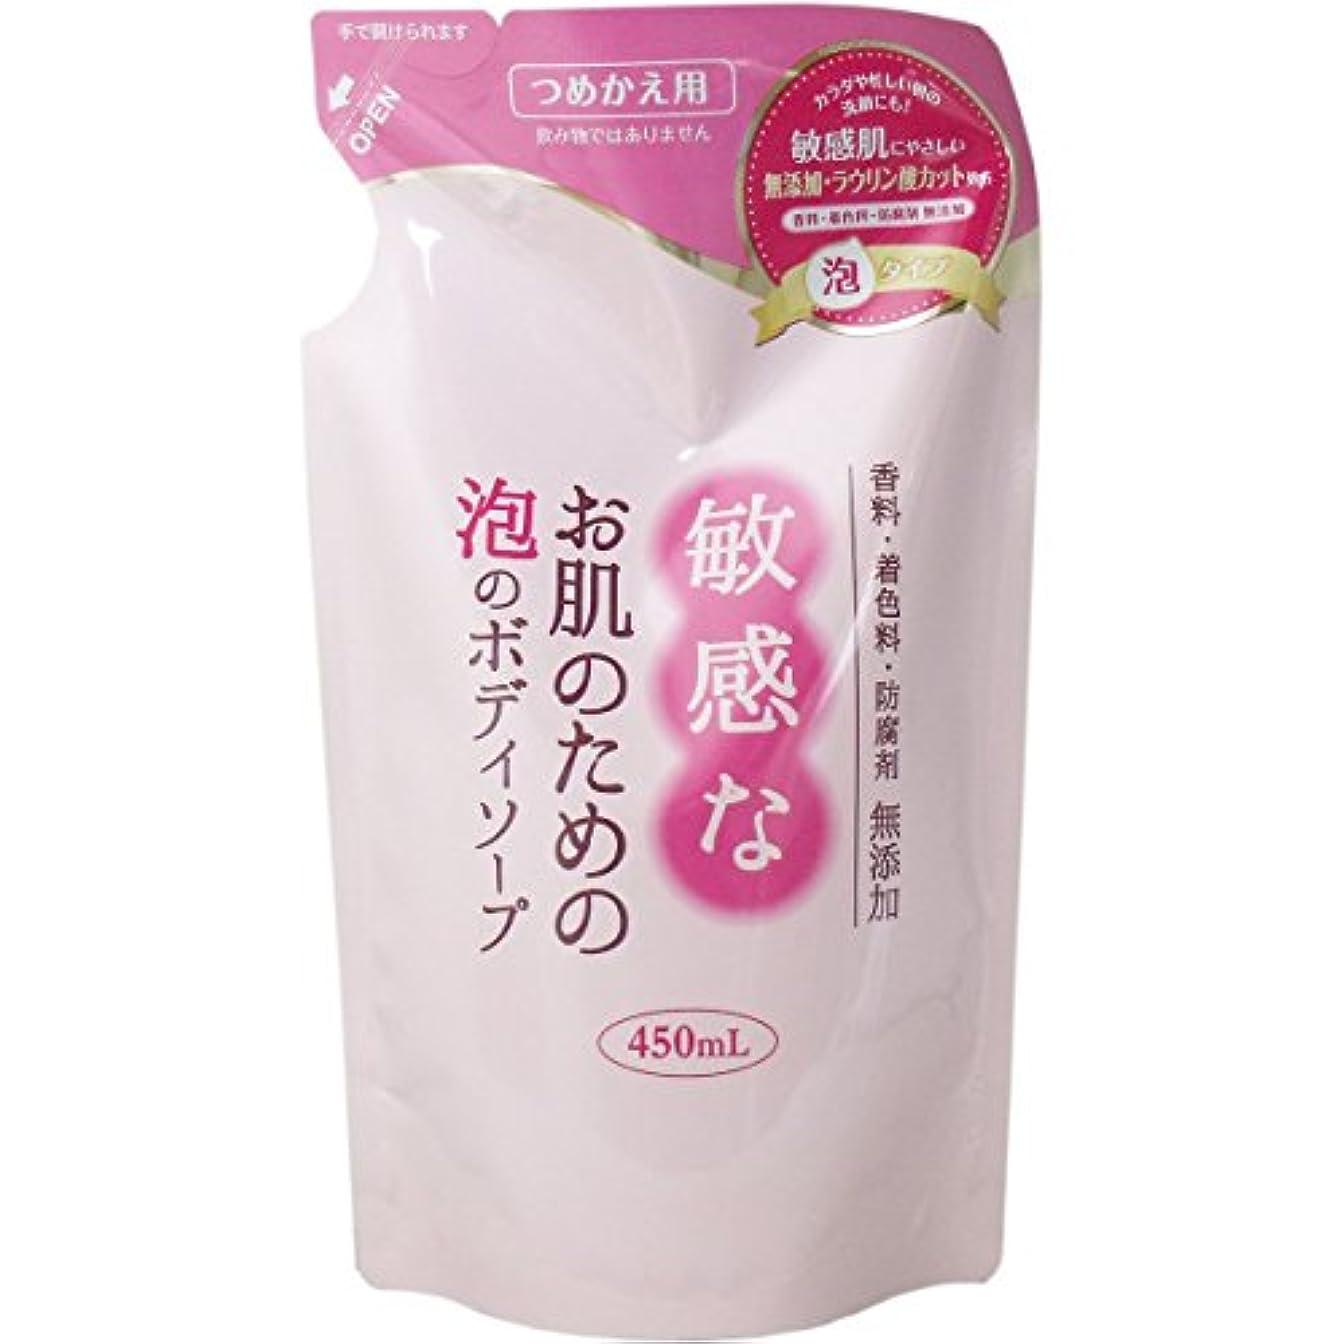 小さい増加する有名敏感なお肌のための泡のボディソープ 詰替 450mL CBH-FBR